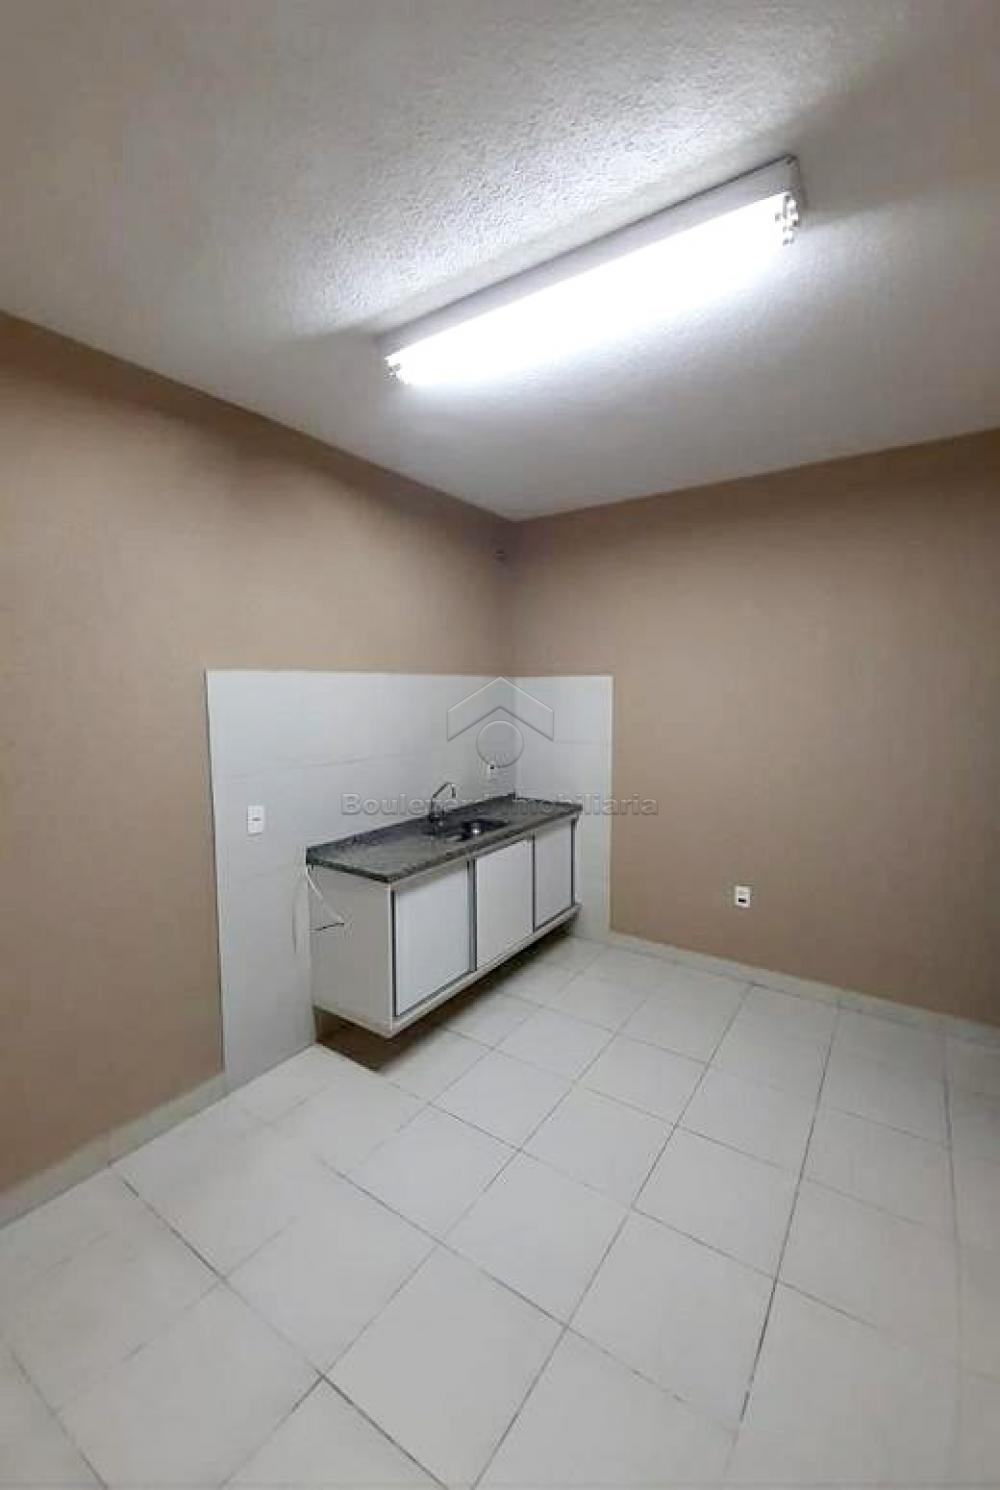 Alugar Comercial / Galpão em Ribeirão Preto R$ 8.500,00 - Foto 14